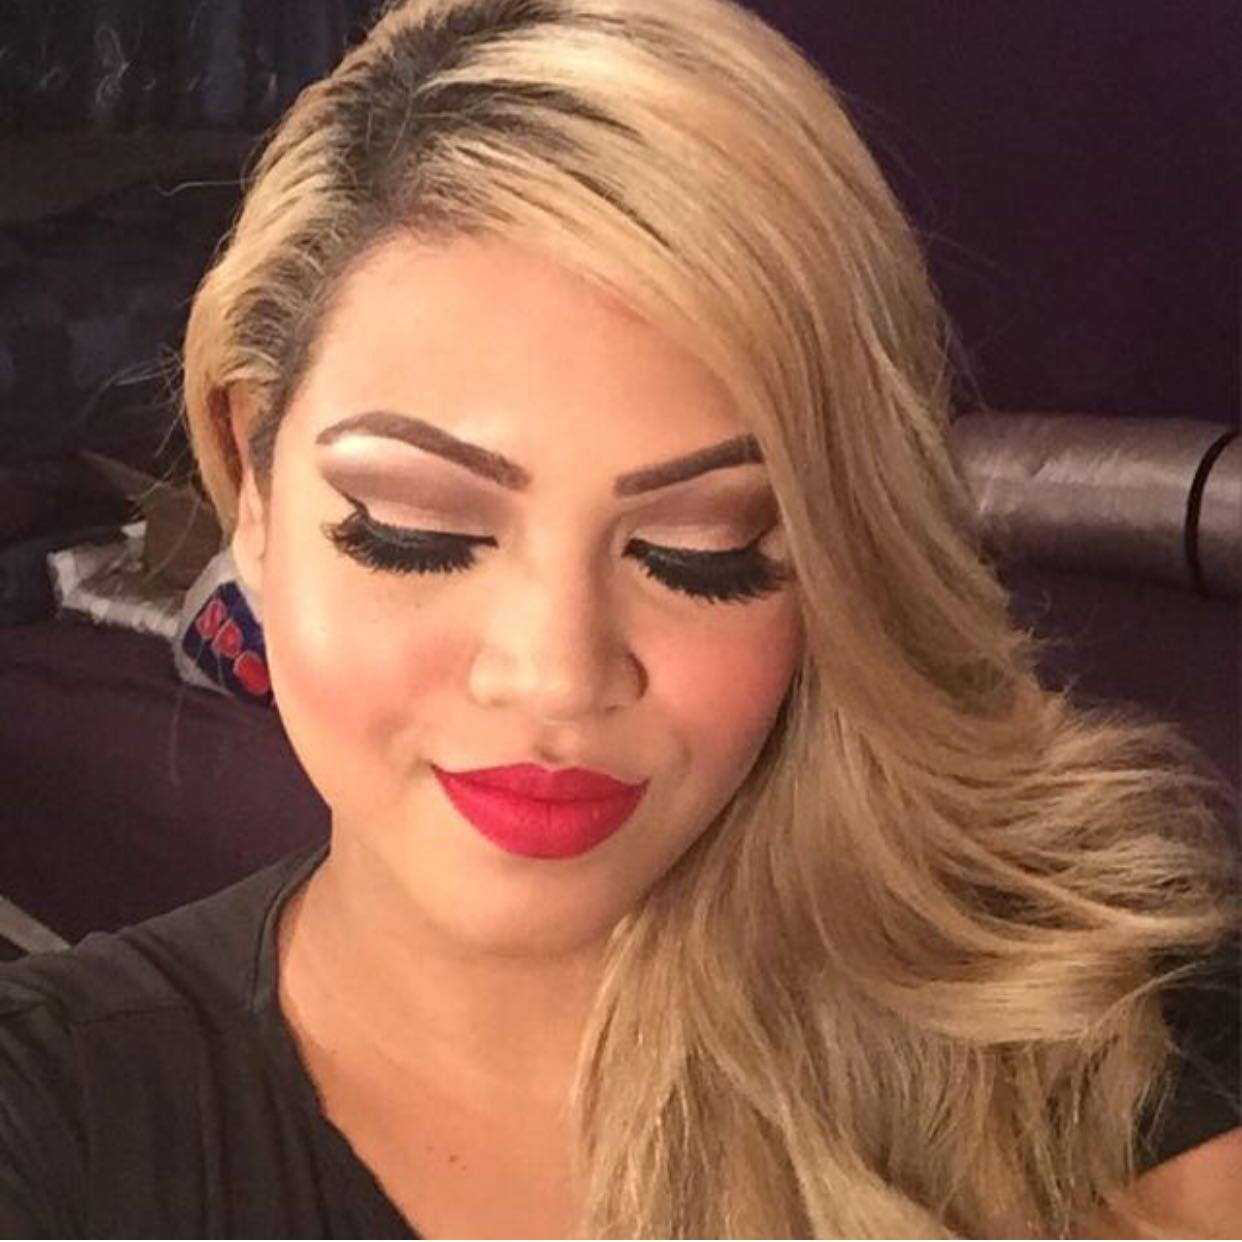 makeupbysahira